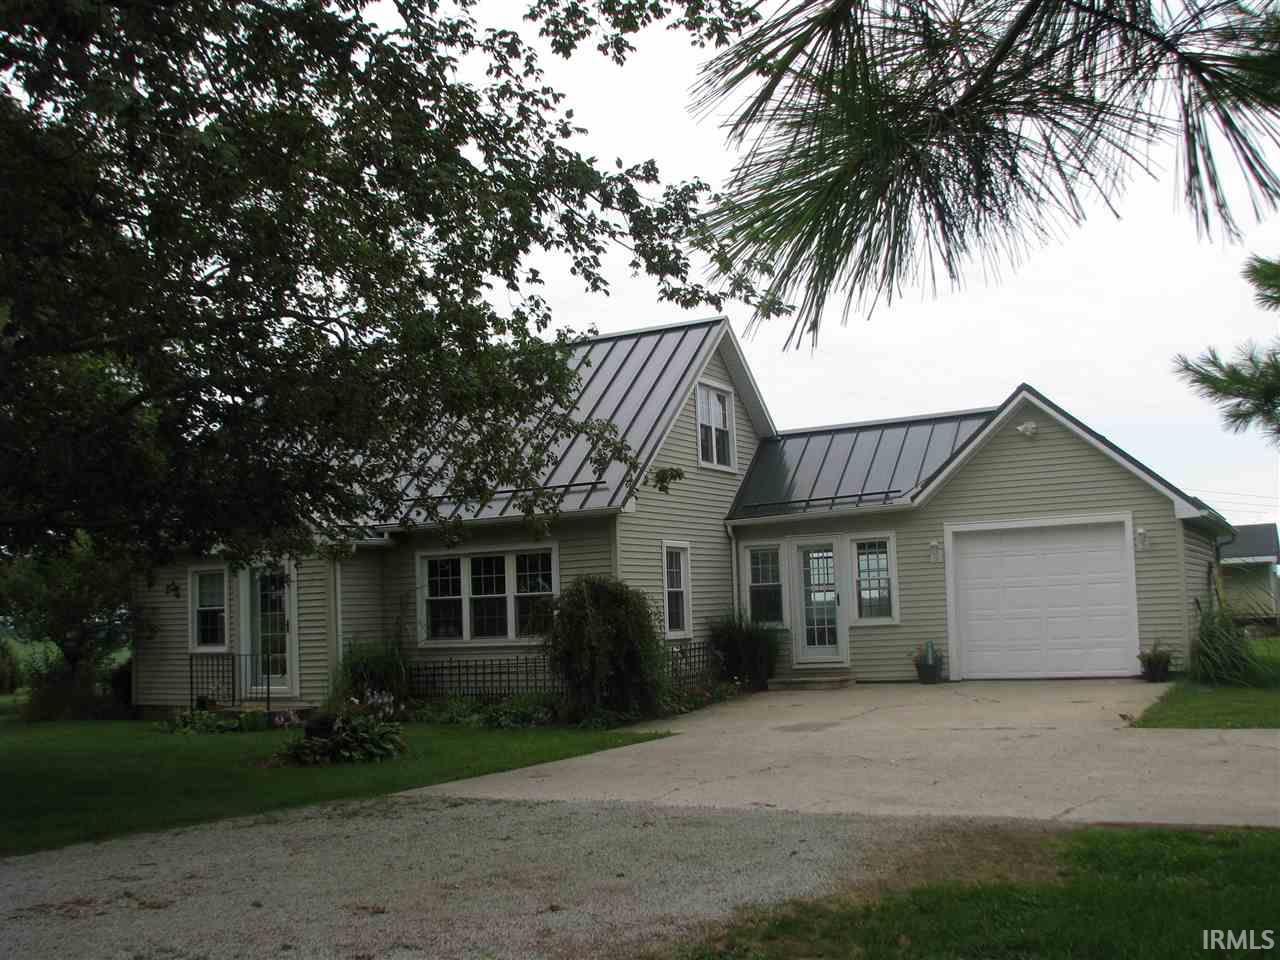 12487  County Road 146 Millersburg, IN 46543